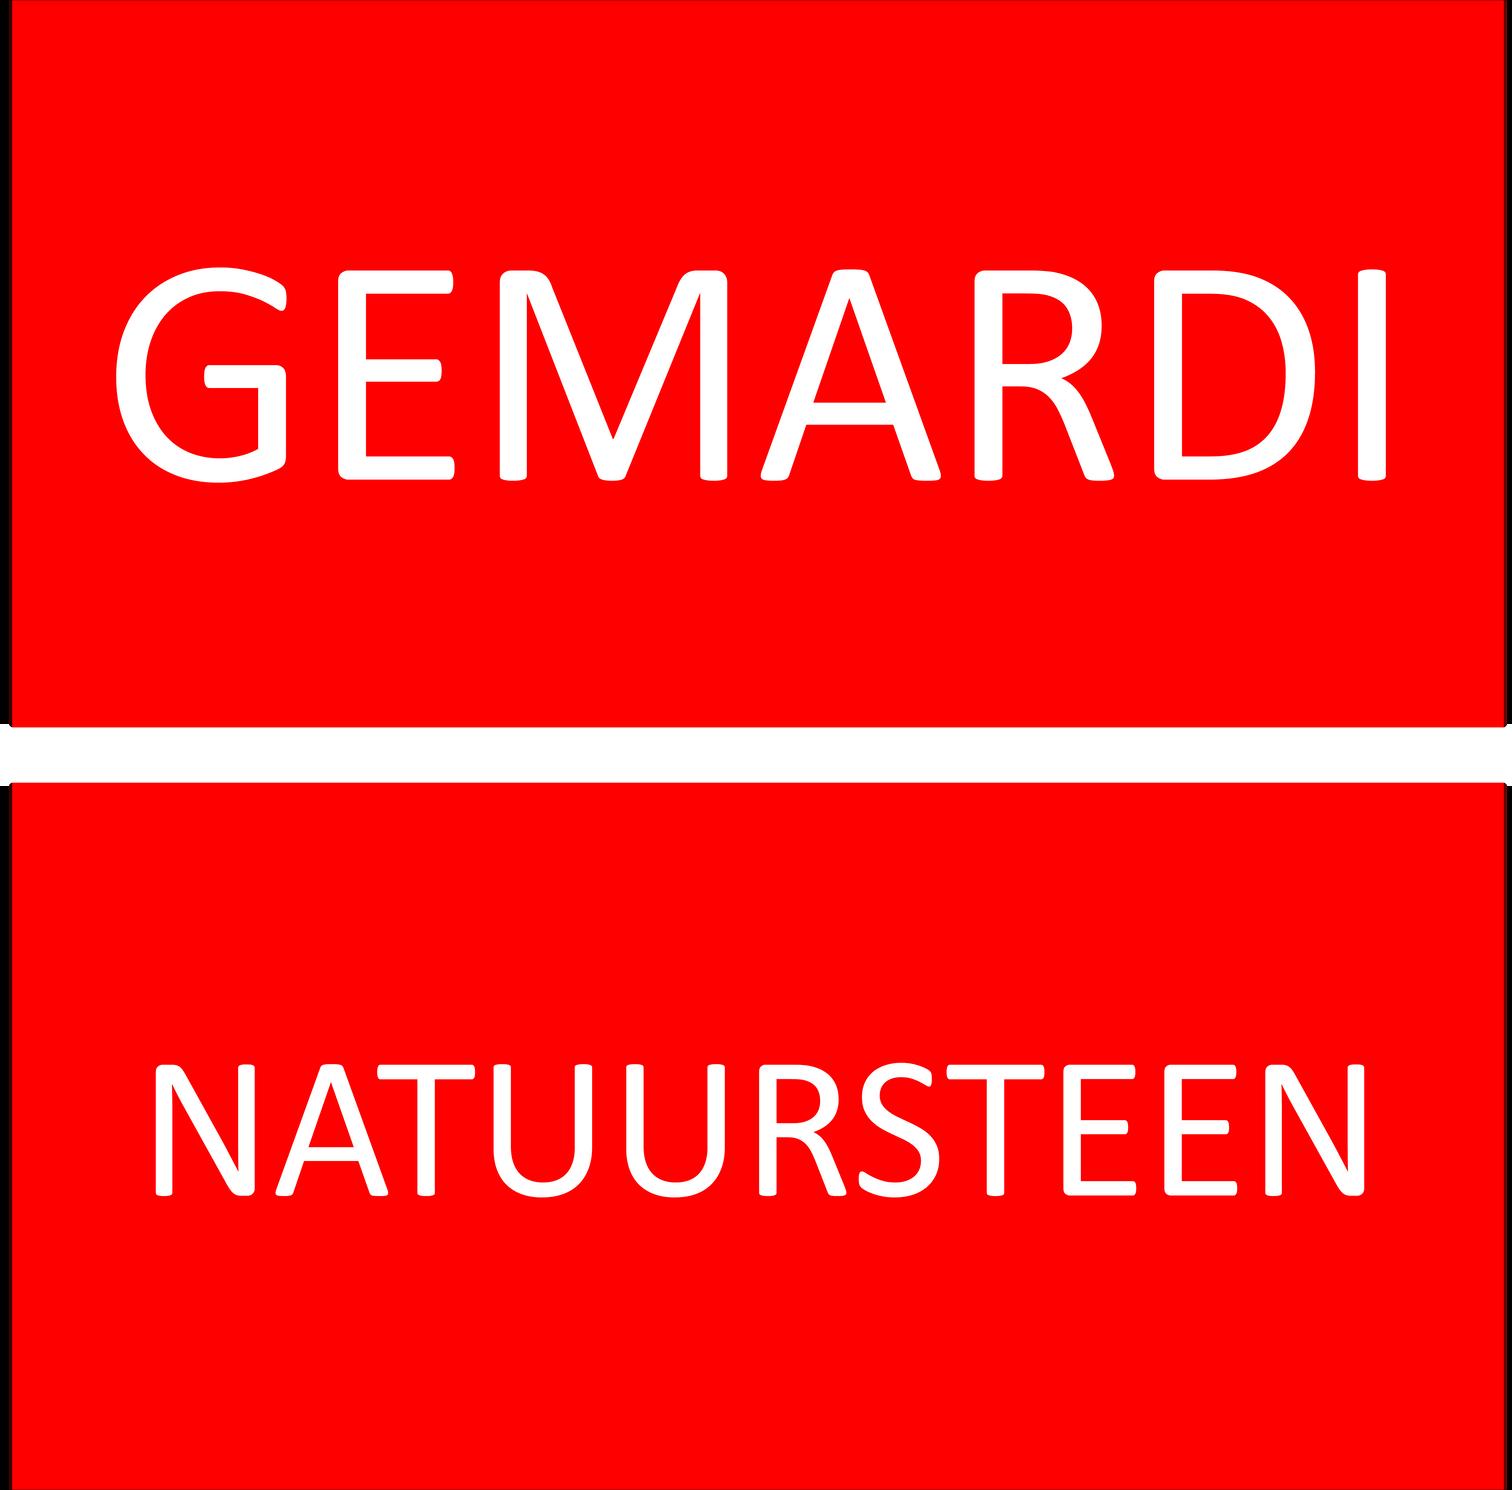 logo Gemardi natuursteen